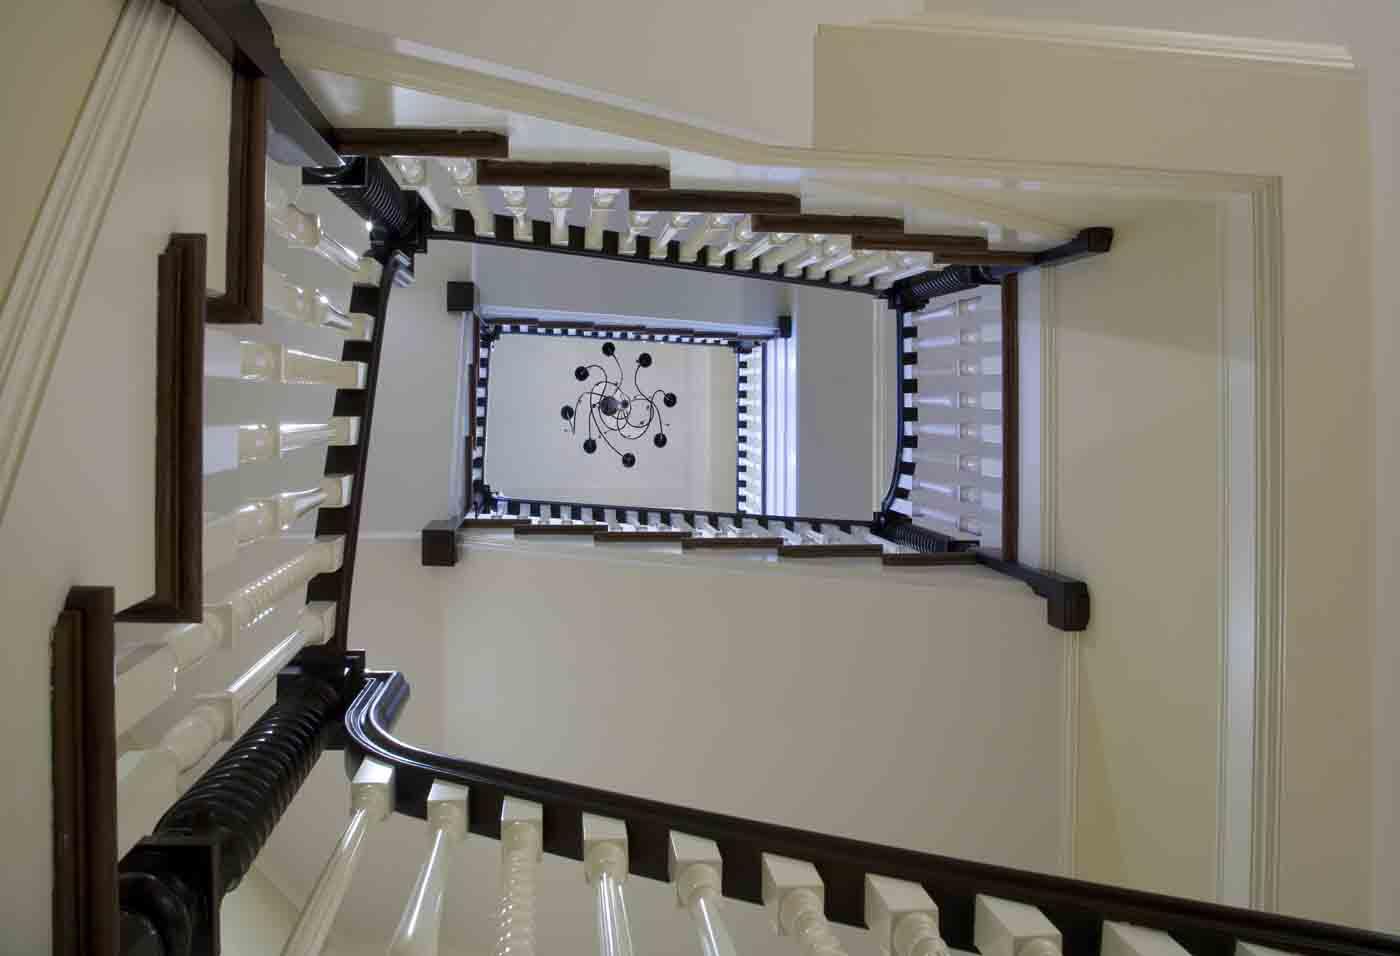 Garai_Stair1.jpg